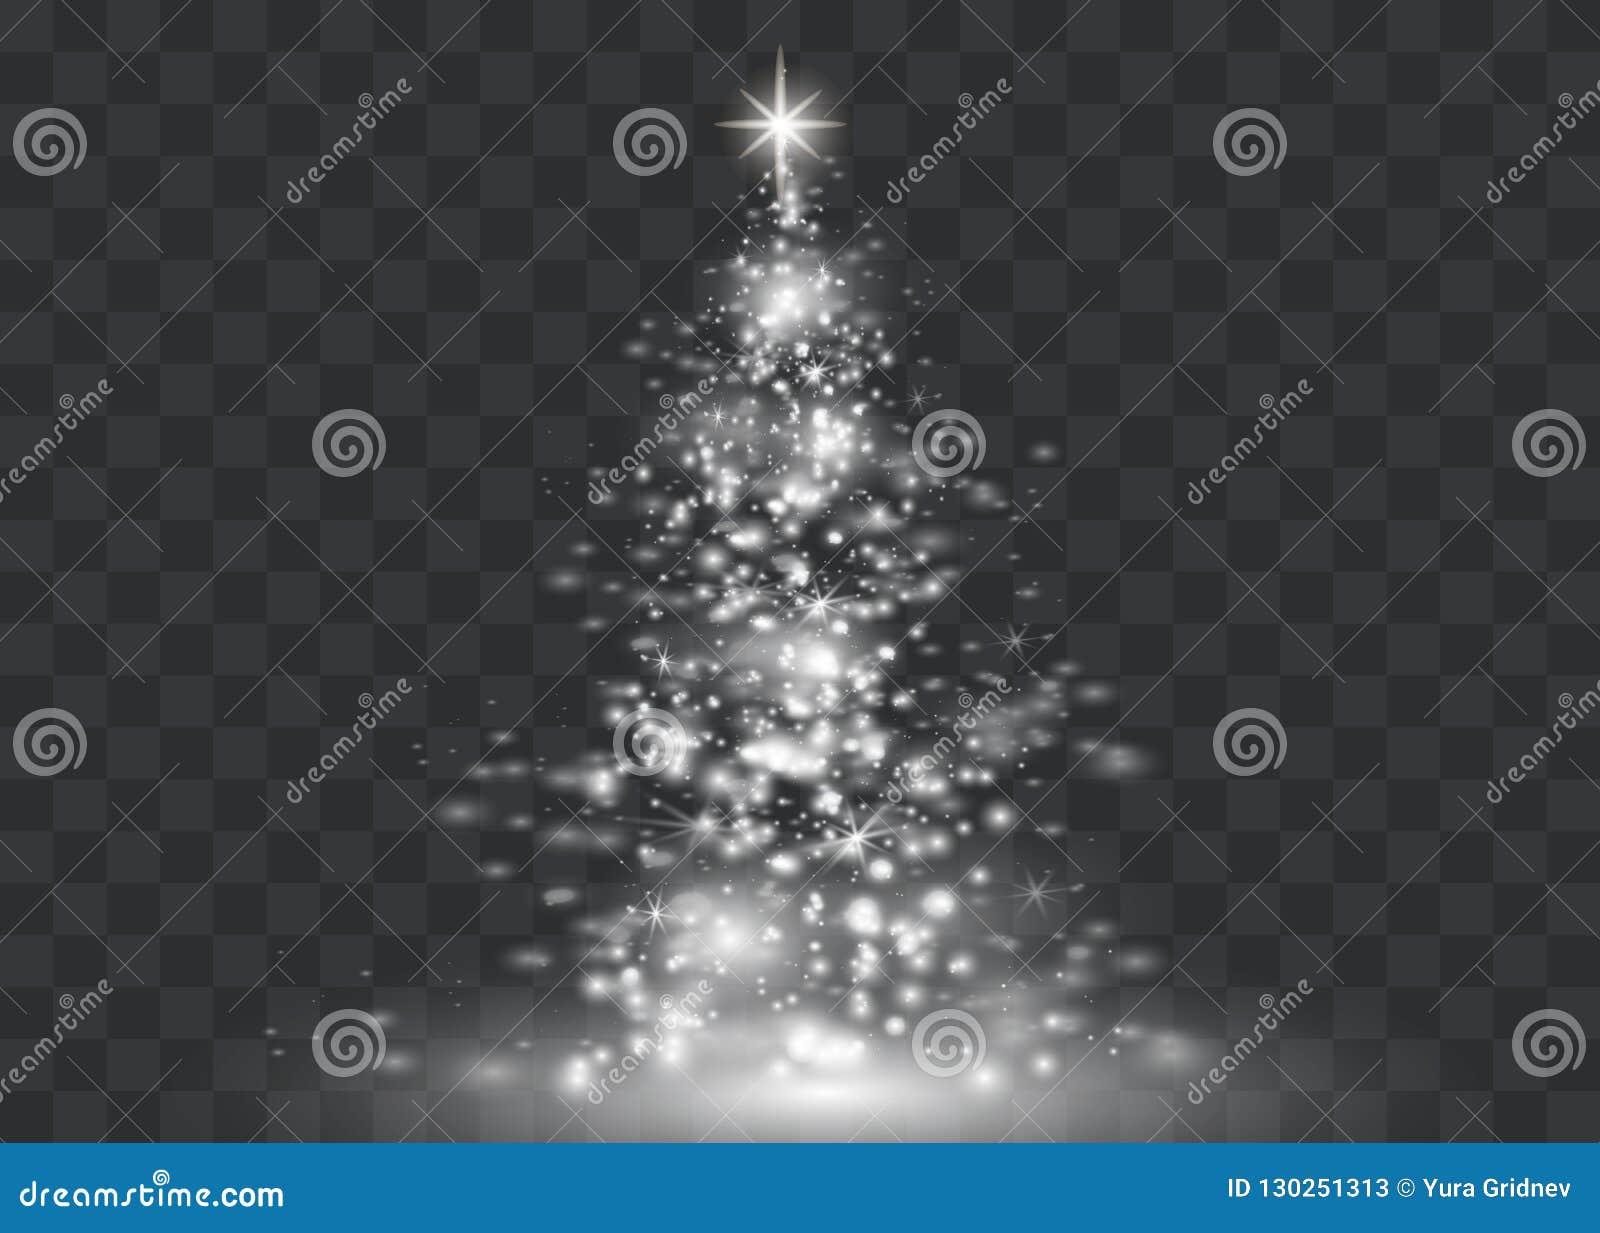 Weihnachtsbilder Mit Licht.Silberner Weihnachtsbaum Auf Transparentem Hintergrund Viele Mehr